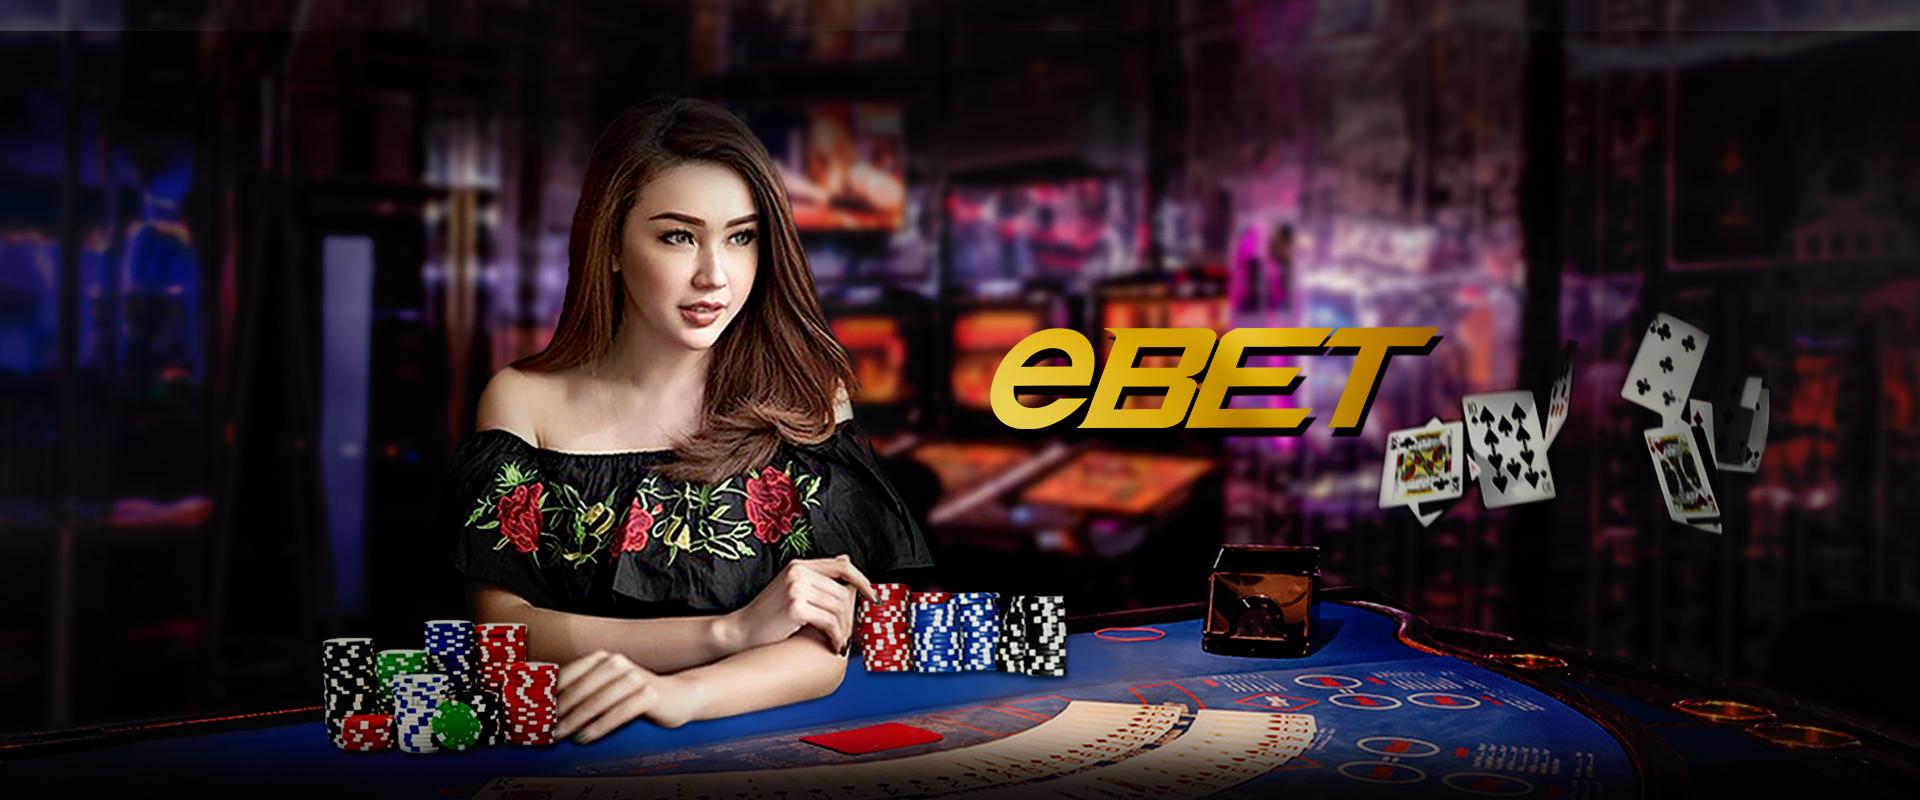 EBET Live Dealer